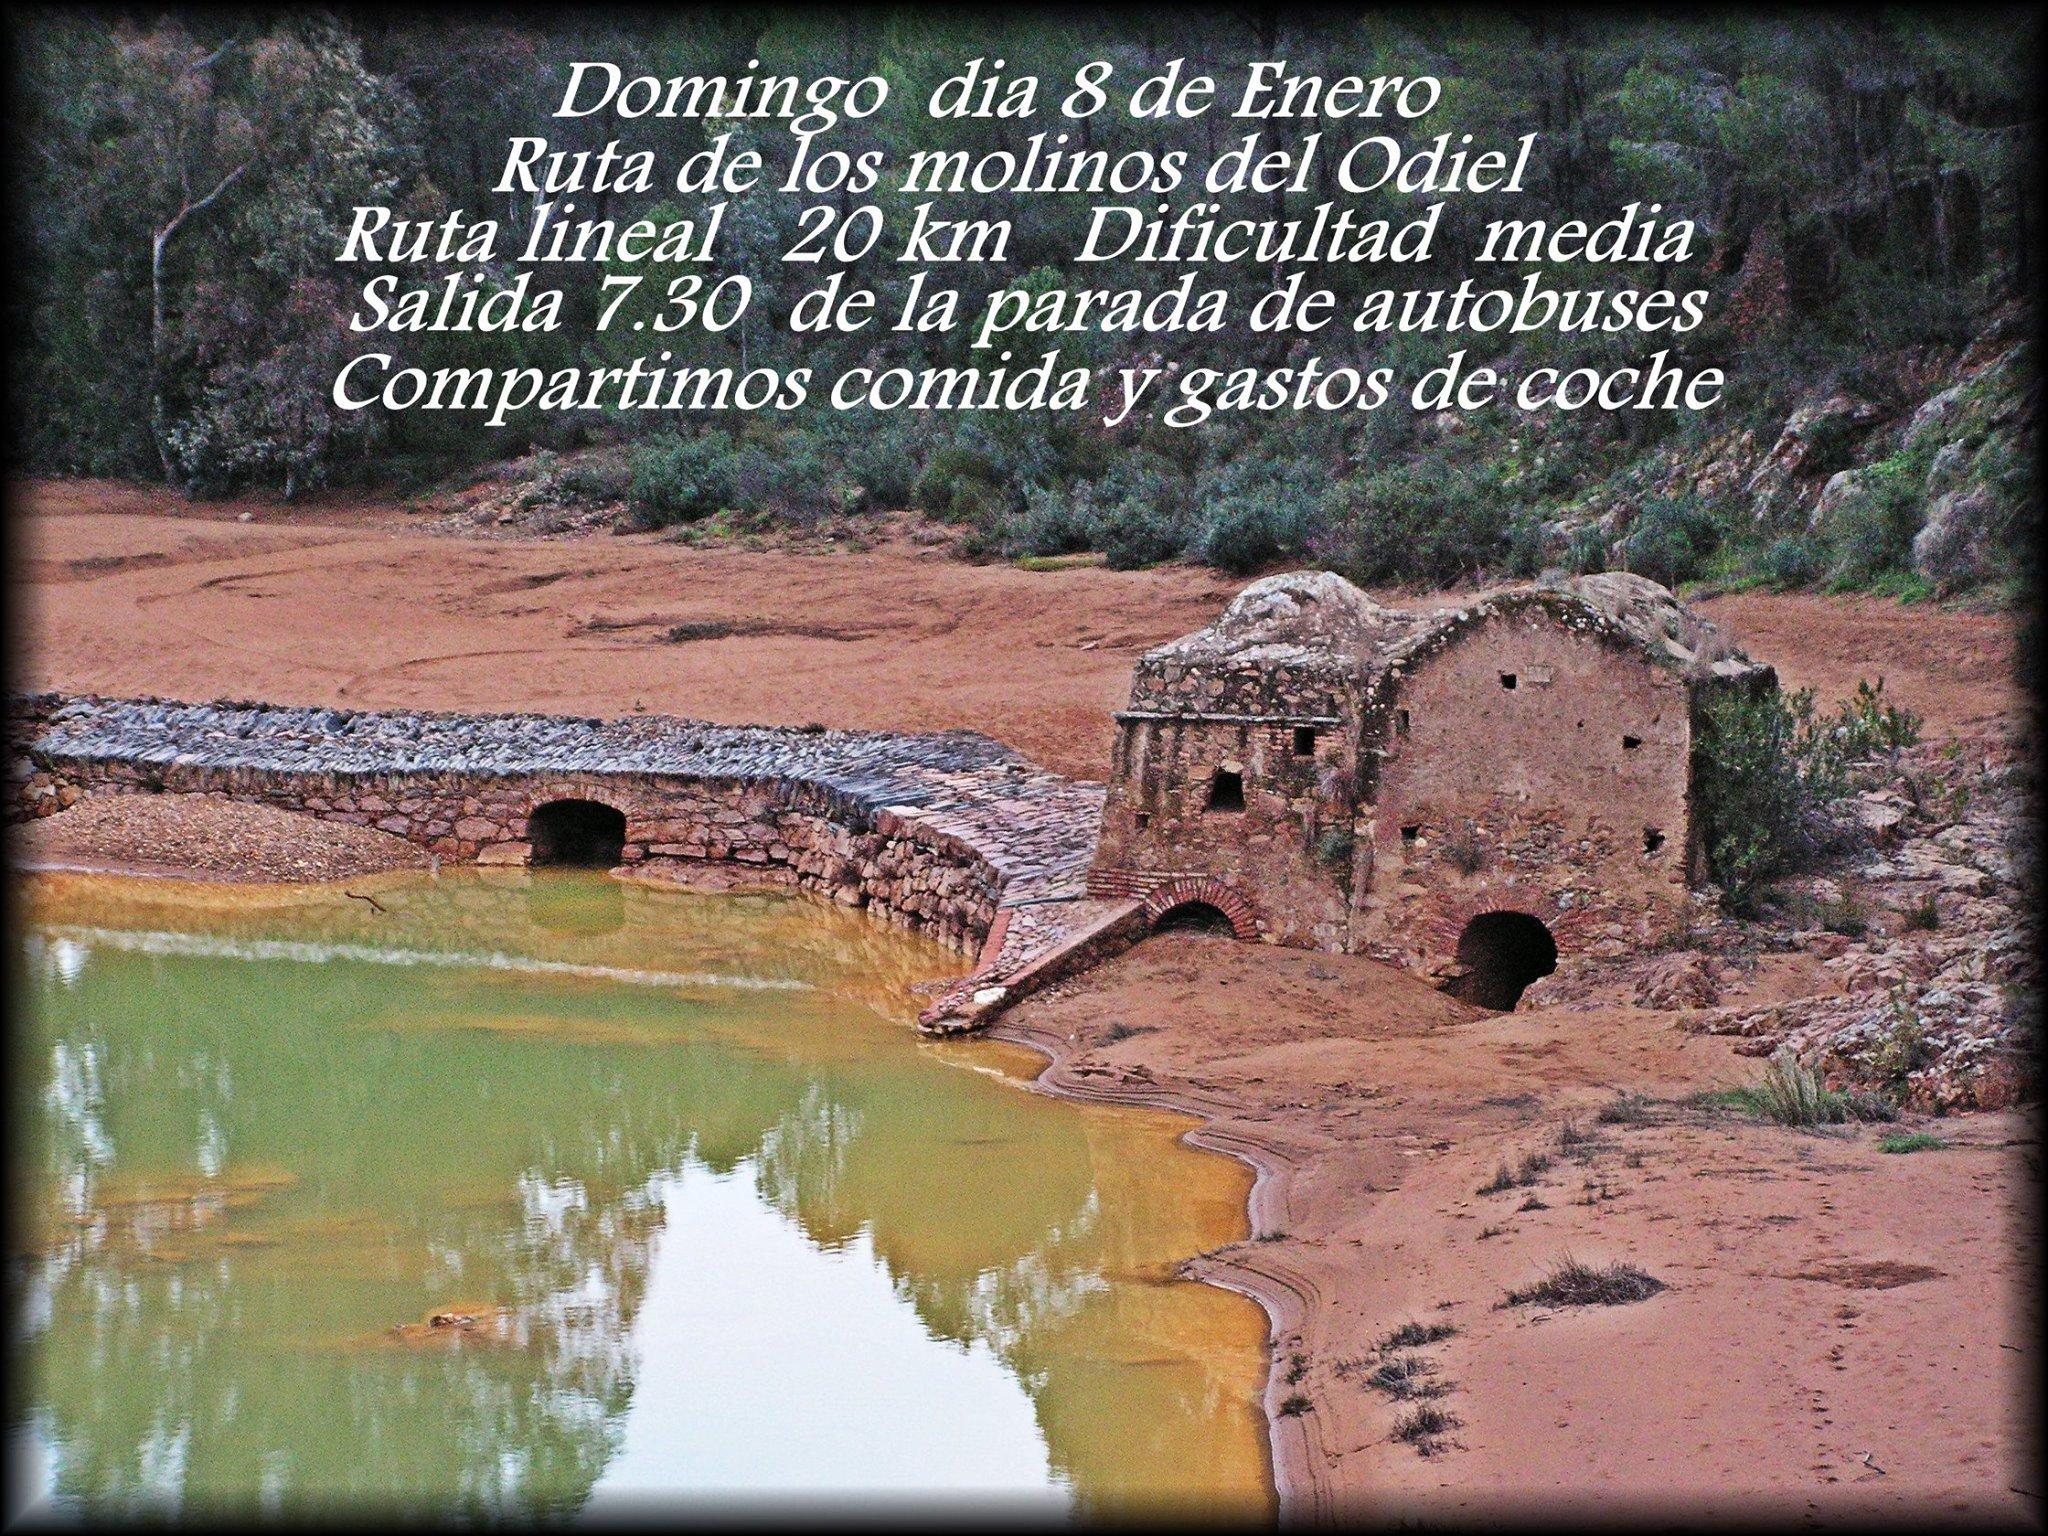 CARTEL RUTA MOLINOS DEL ODIEL